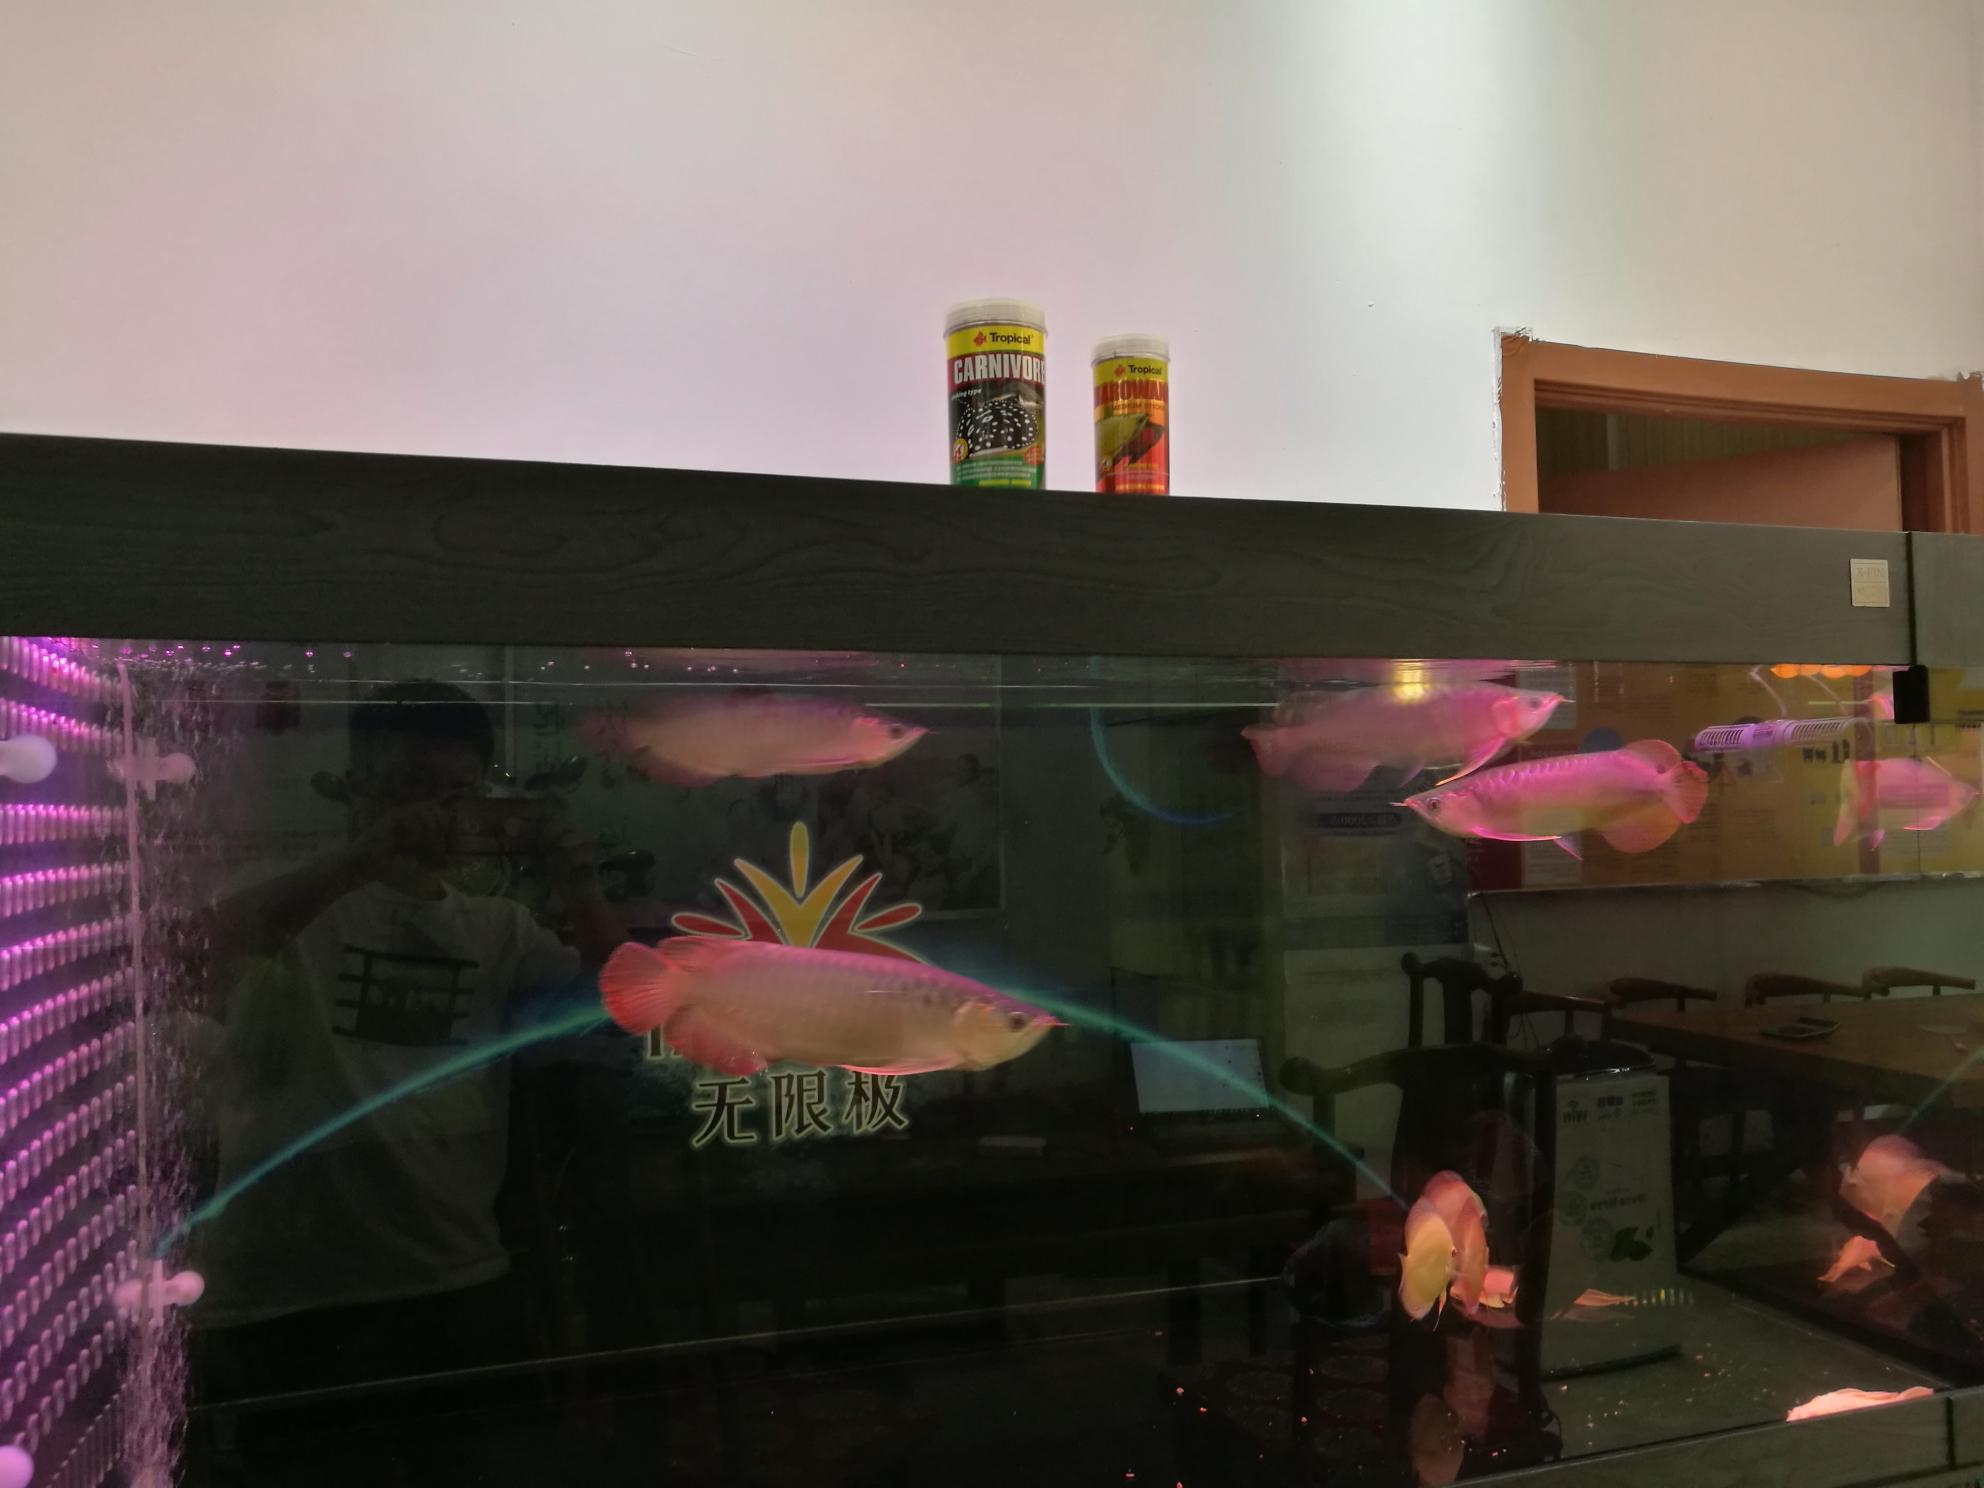 【西安哪家有黑白皇冠魟鱼】试用饲料回馈龙鱼